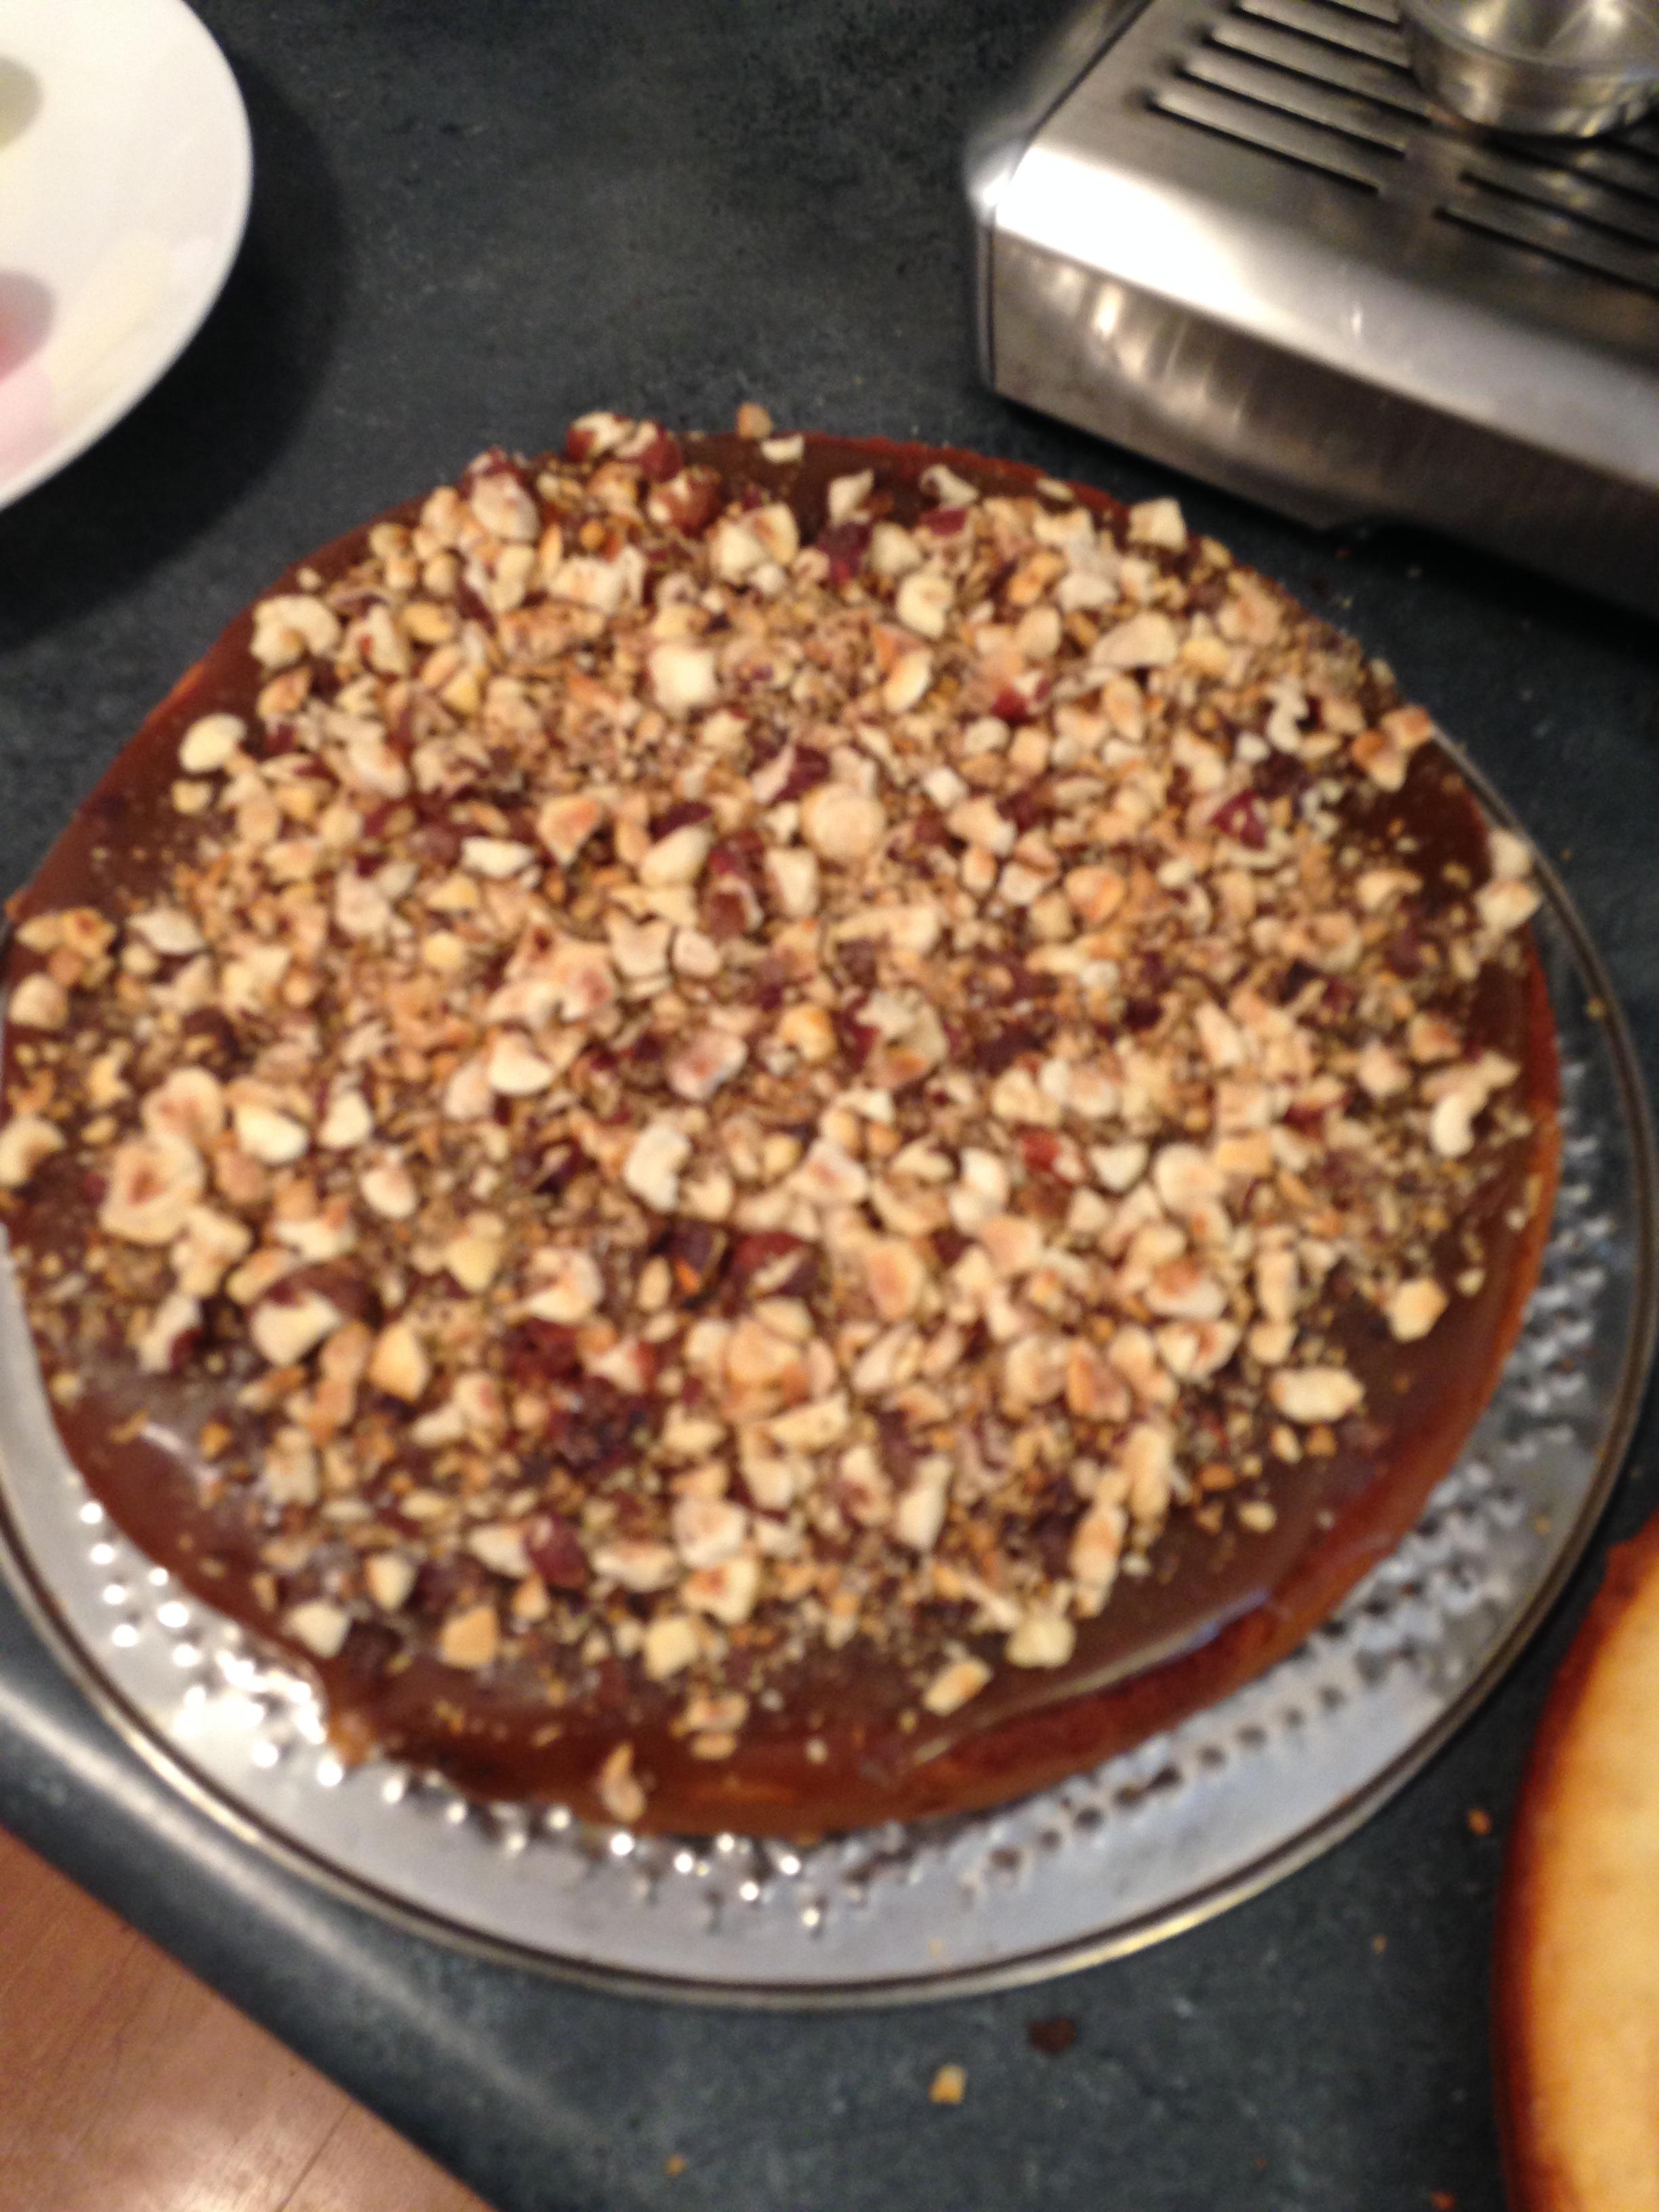 Caramel and Toasted Hazelnut Filling